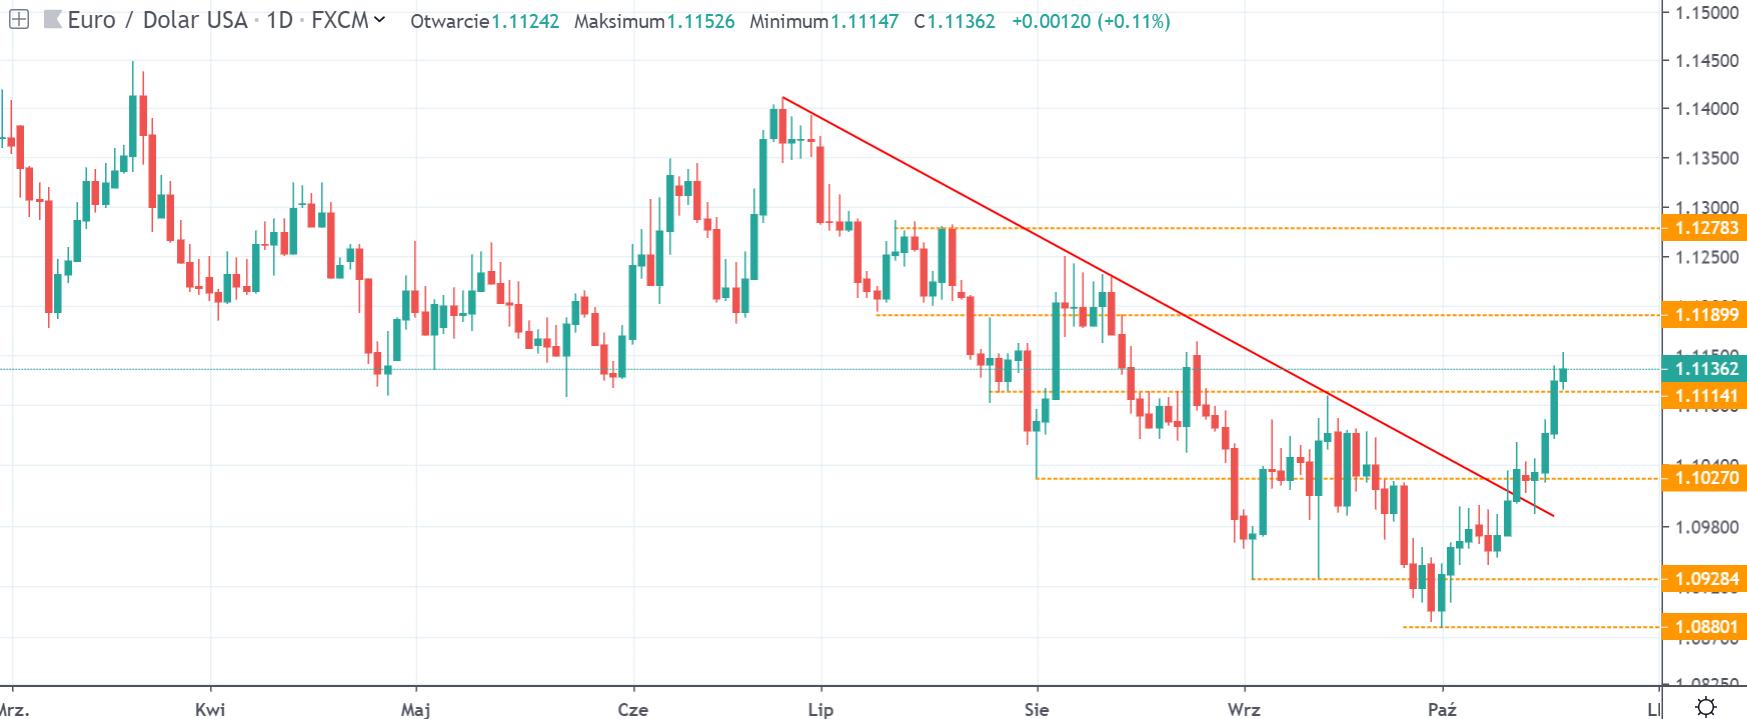 Kurs euro do dolara w piątek na interwale dziennym źródło tradingview.com 18 10 19